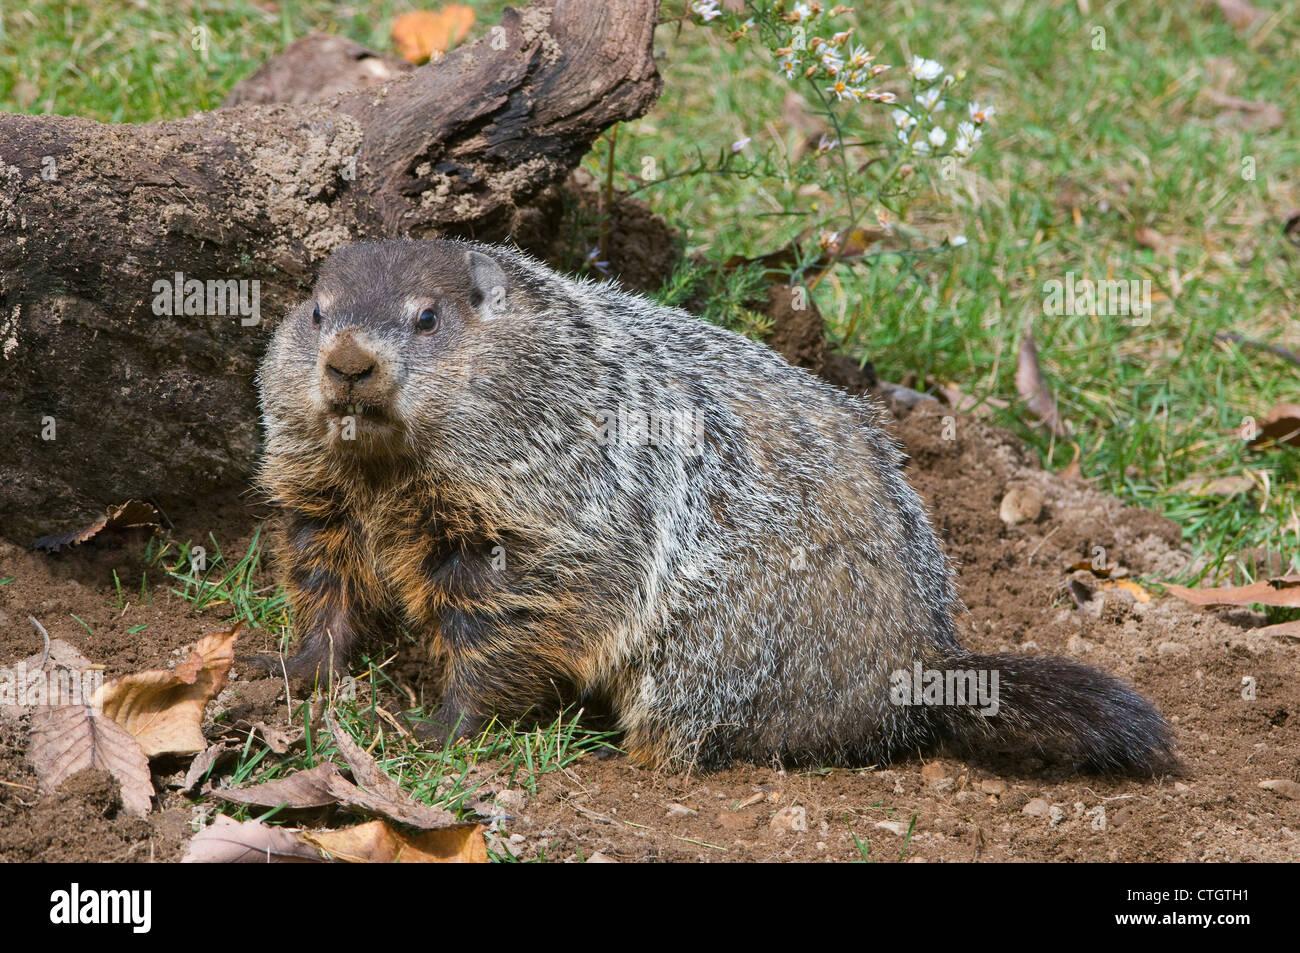 Woodchuck aka Groundhog Marmota monax digging at den E USA - Stock Image